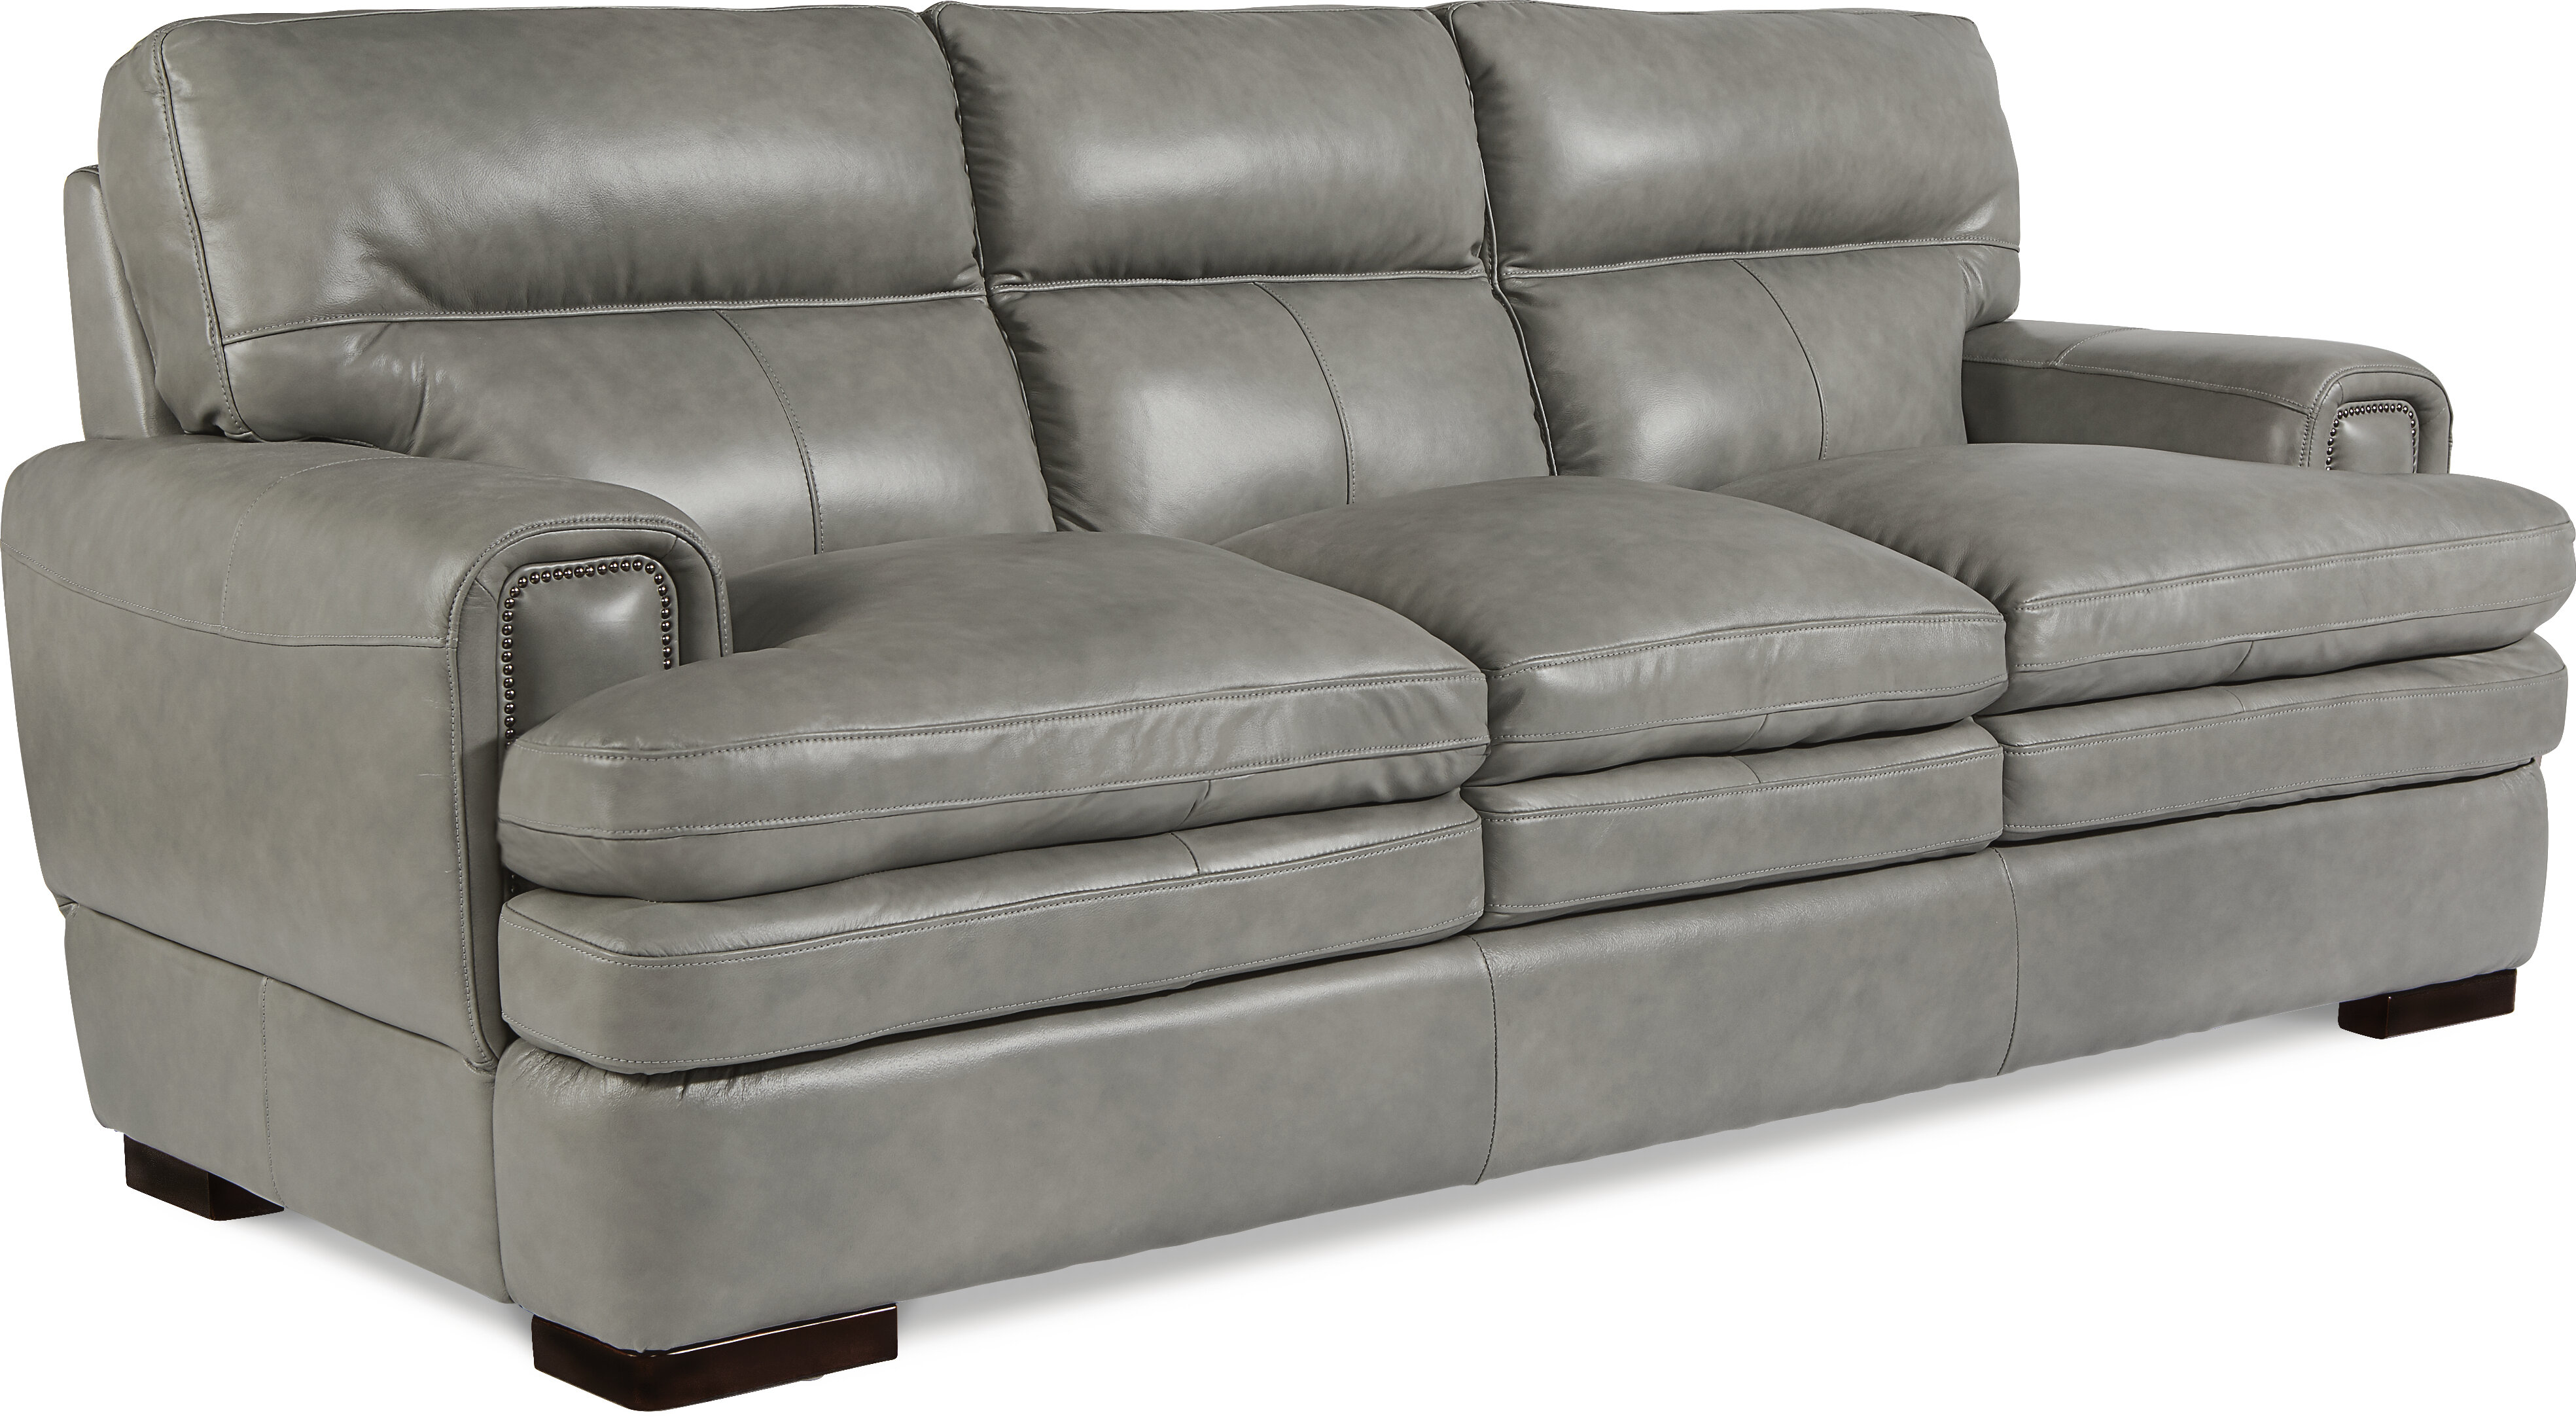 lazy boy leather sofa La Z Boy Jake Leather Sofa & Reviews | Wayfair lazy boy leather sofa